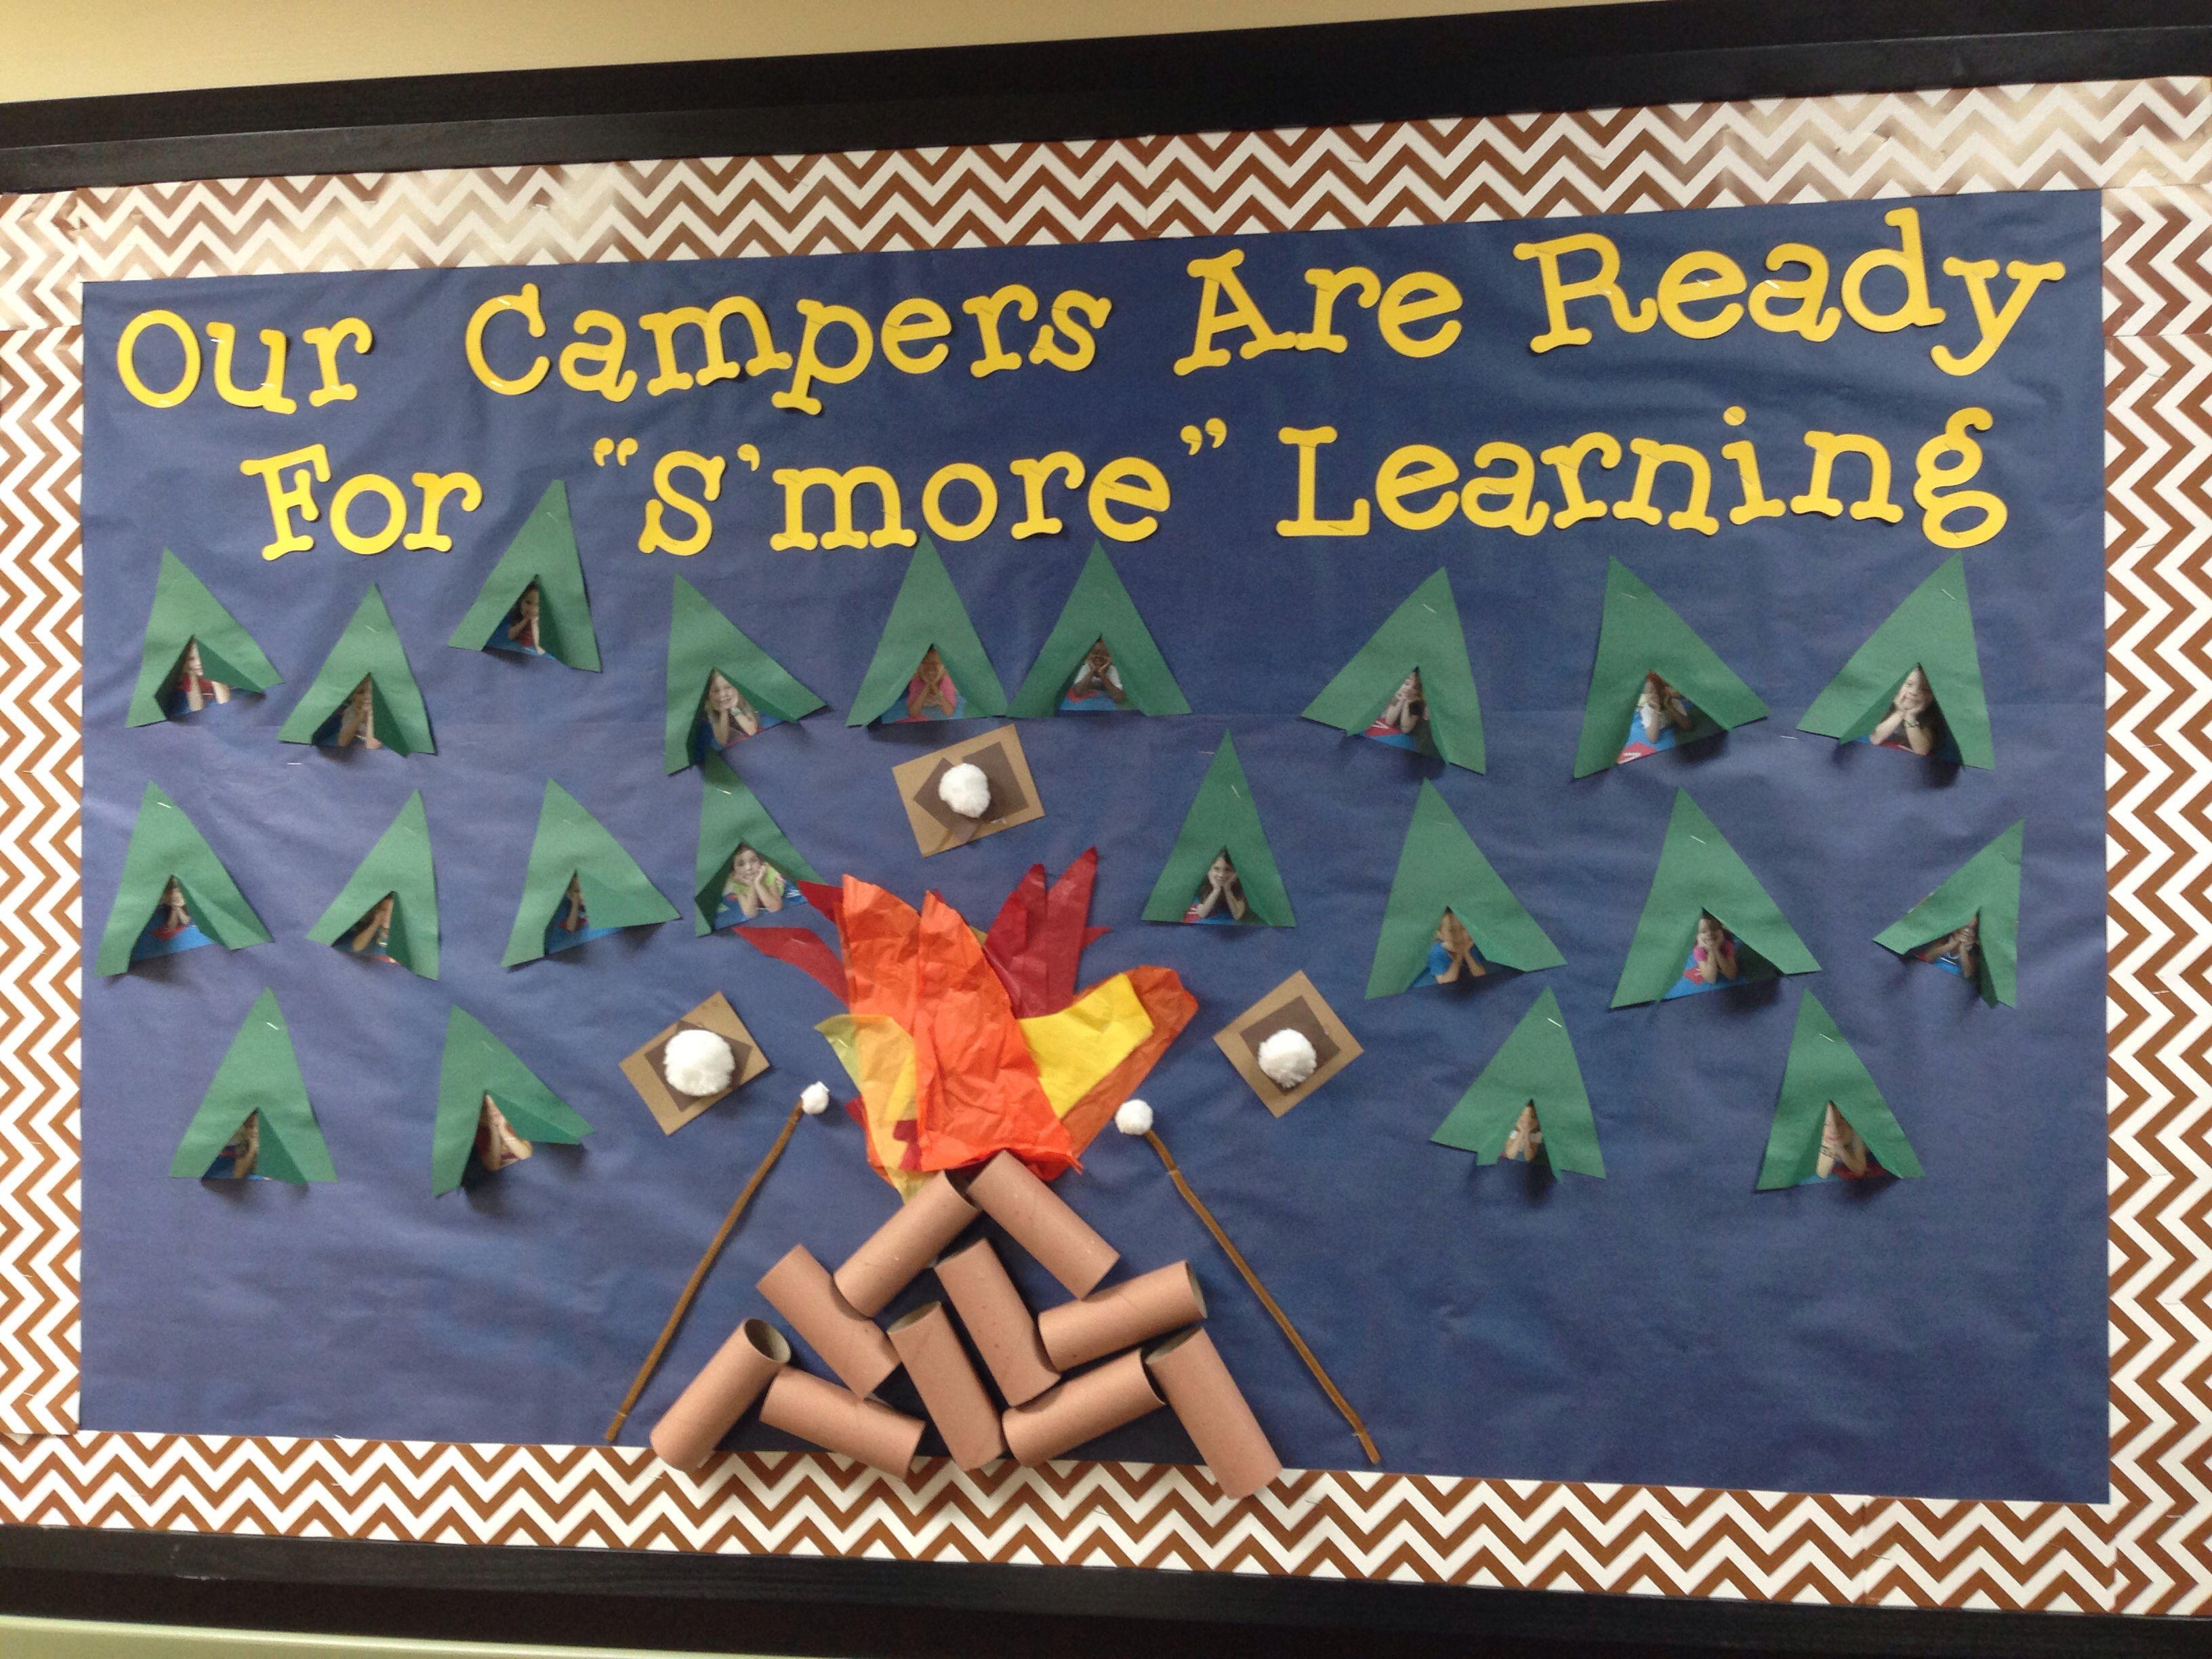 Summer Camp Board